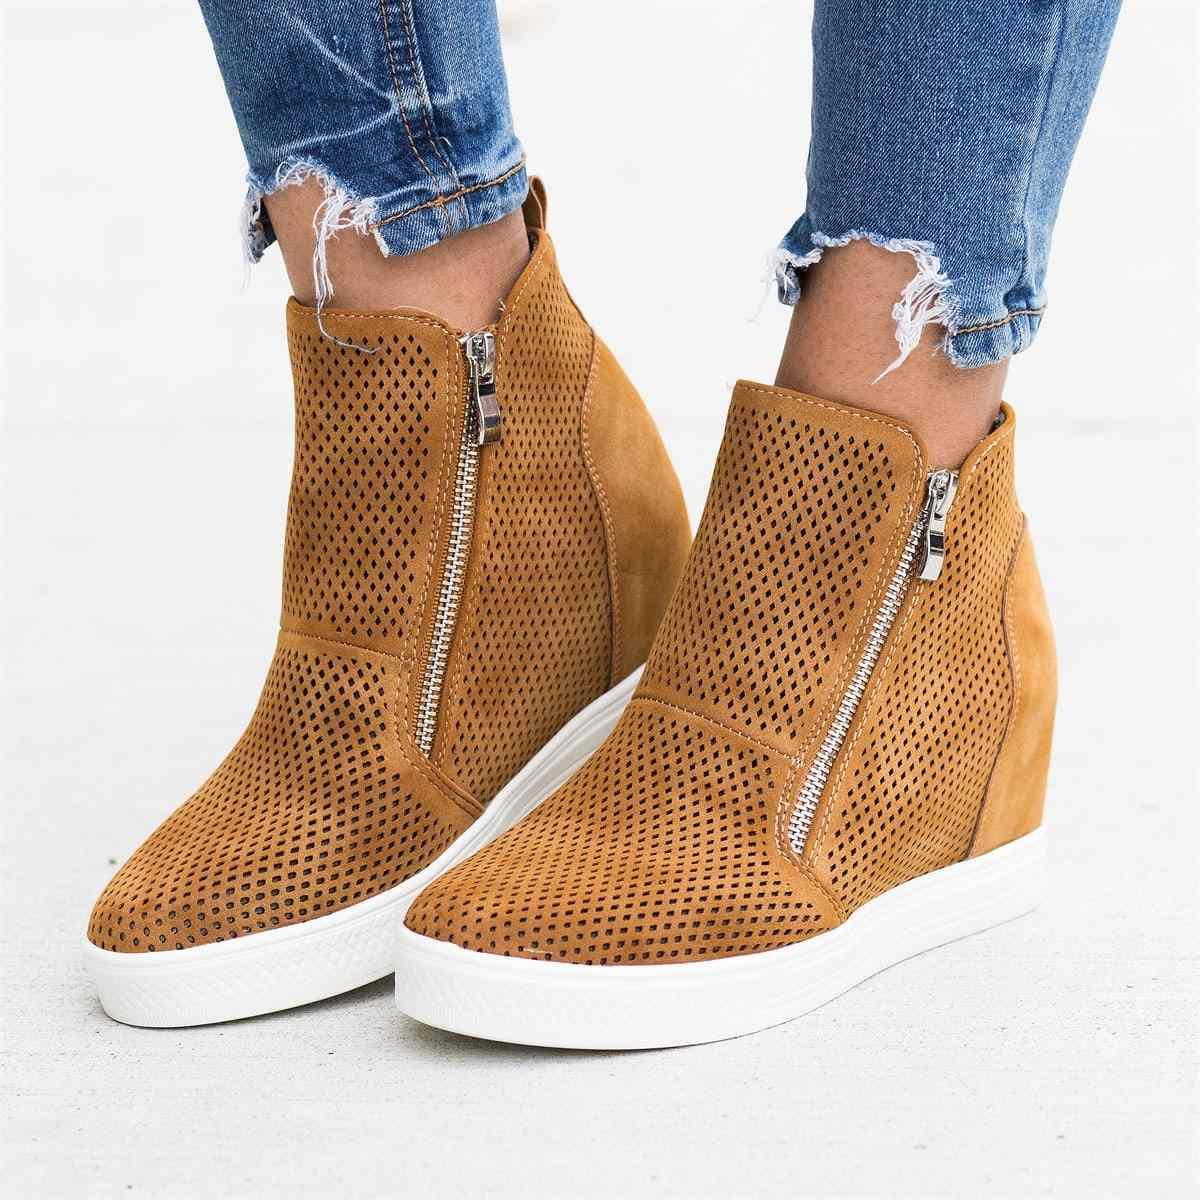 Jodimitty 2020 Da PU Người Phụ Nữ Giày Sneakers Thể Dục Thoáng Khí Giày Thời Trang Thể Thao Giày Tập Đi Siêu Nhẹ